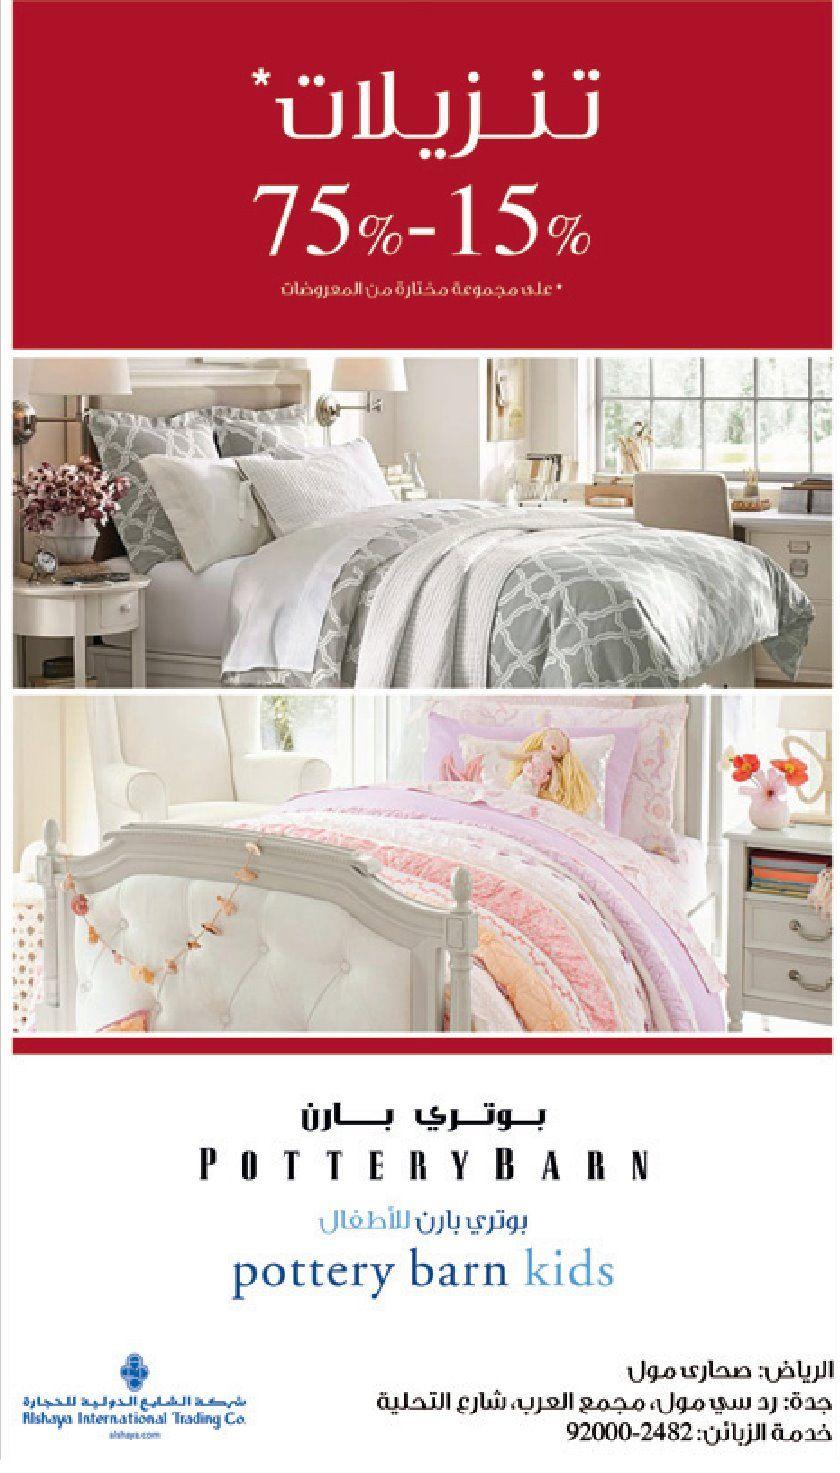 تخفيضات 15 حتى 755 فى بوتر بارن للاطفال للمفروشات جدة والرياض عروض اليوم Pottery Barn Kids Bed Pillows Home Decor